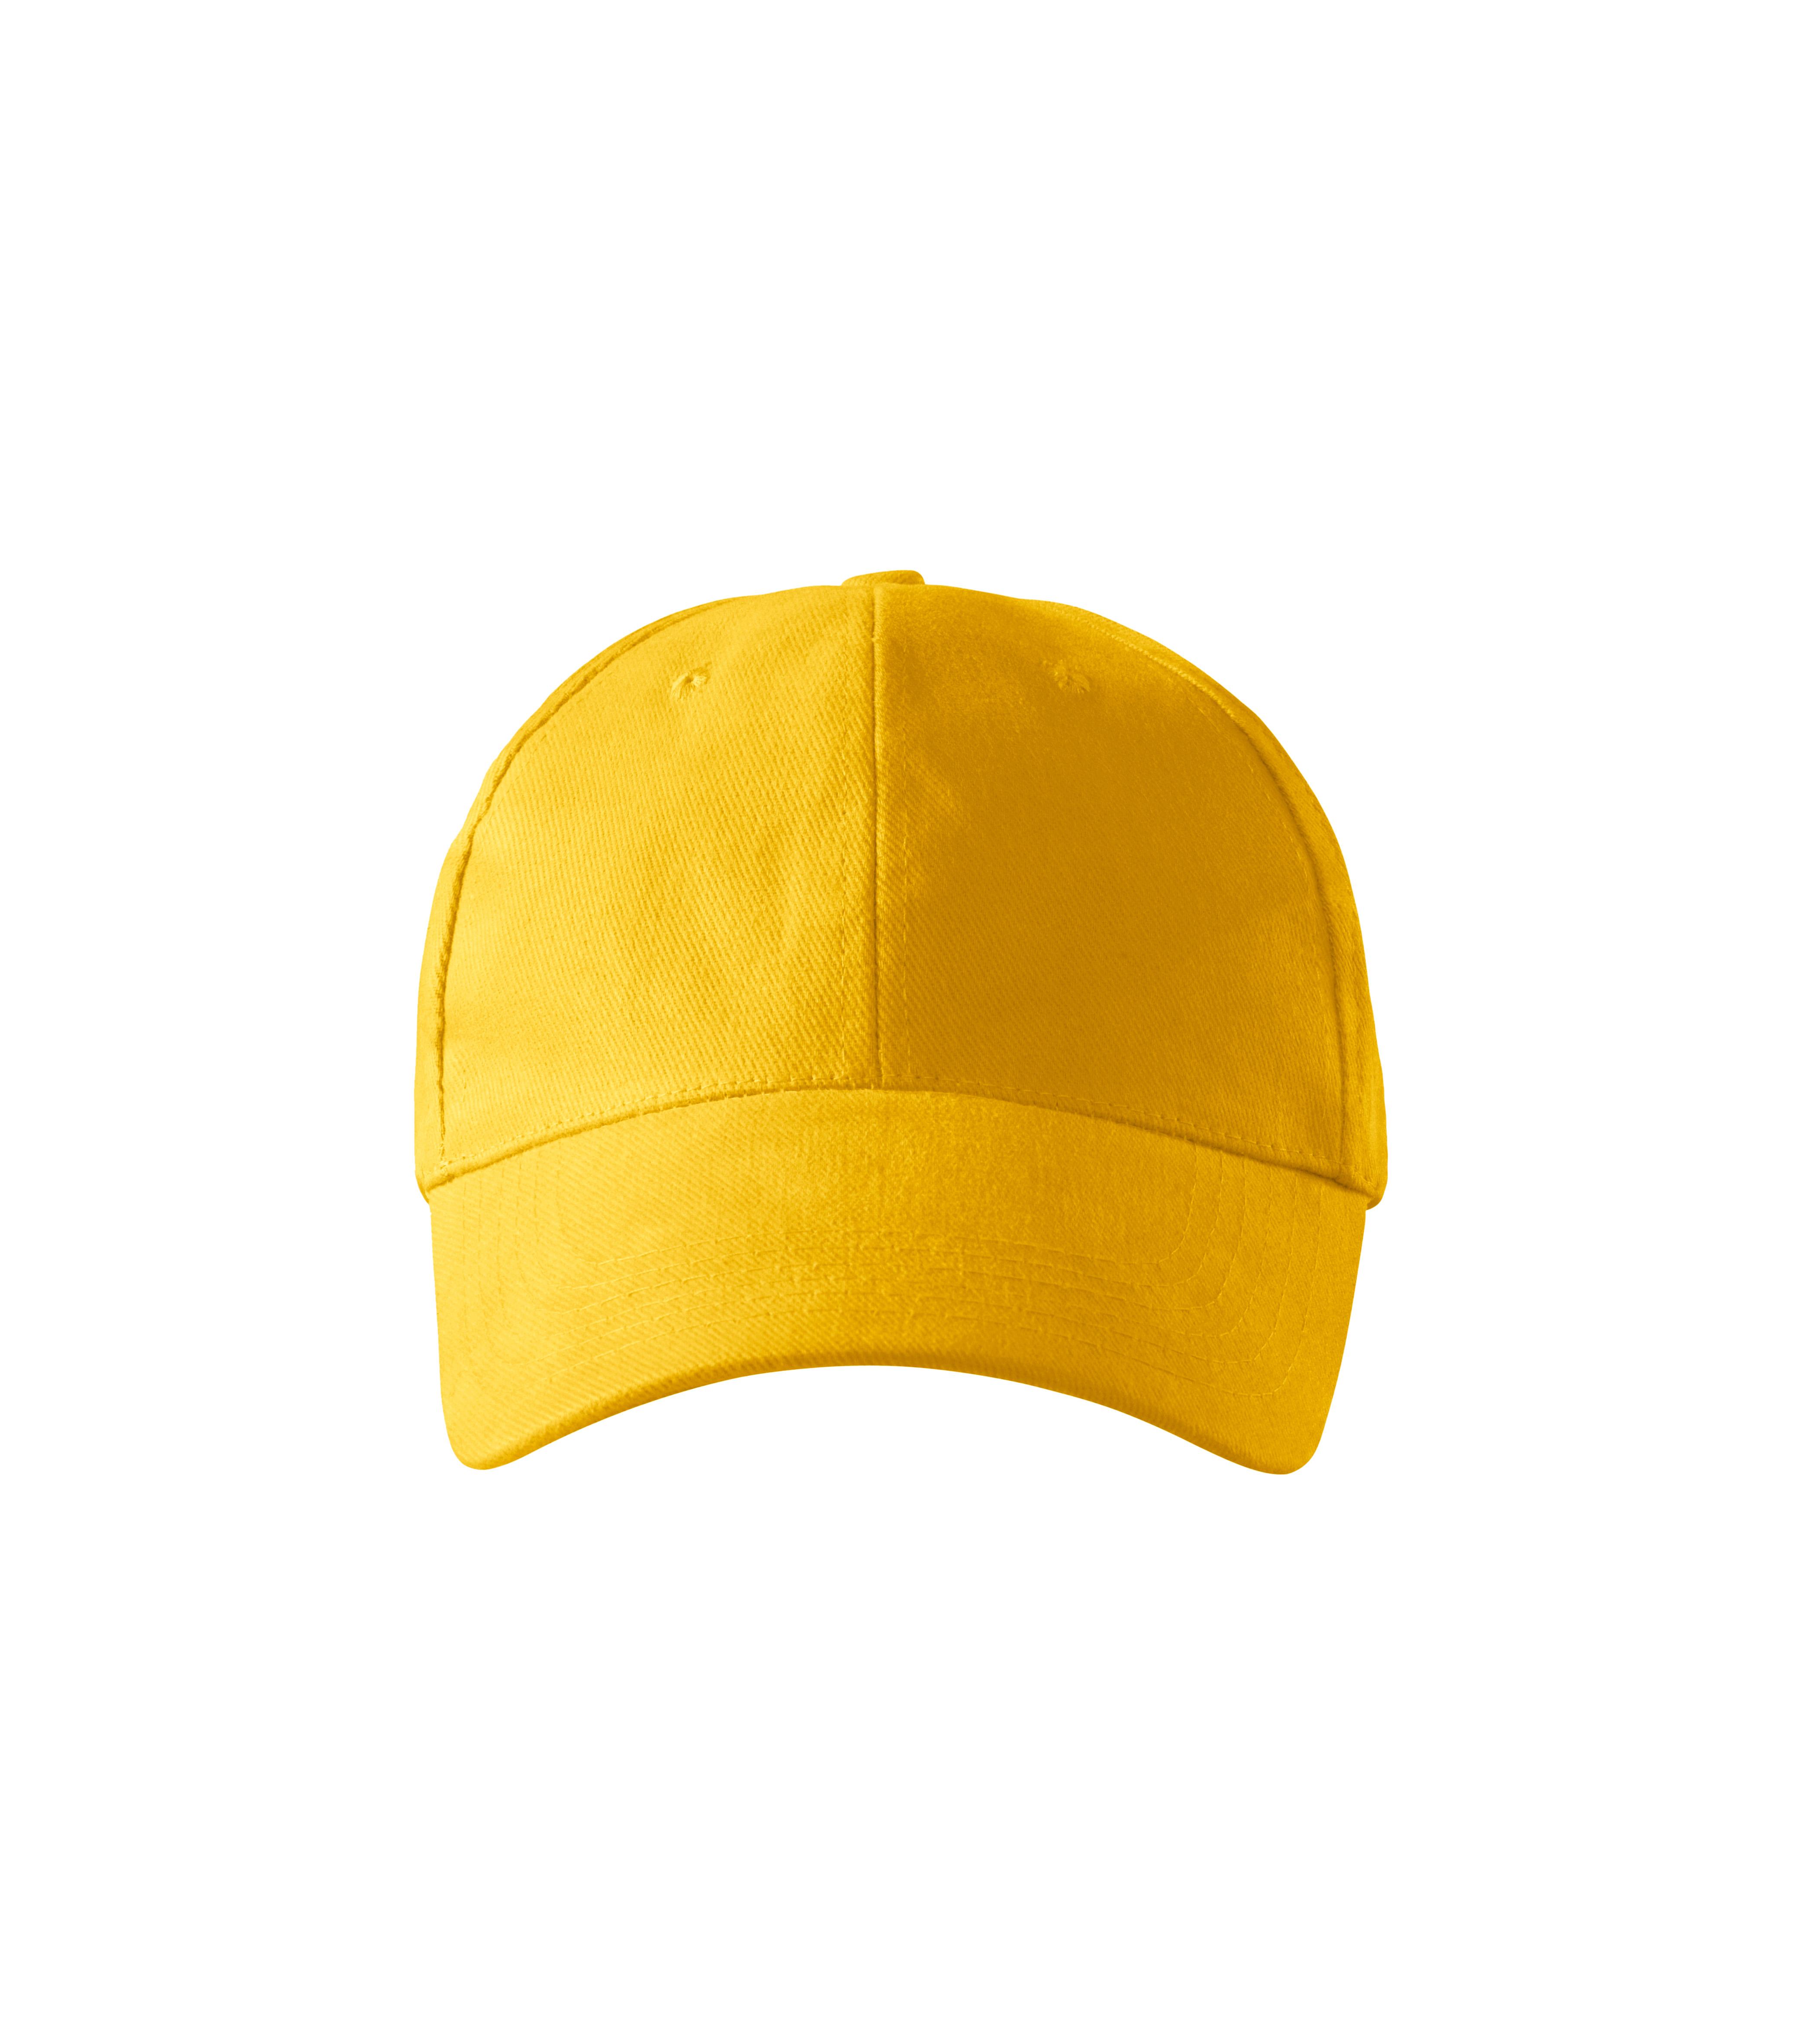 bca91901f8d Čepice dětská 6P Kids Barva  žlutá